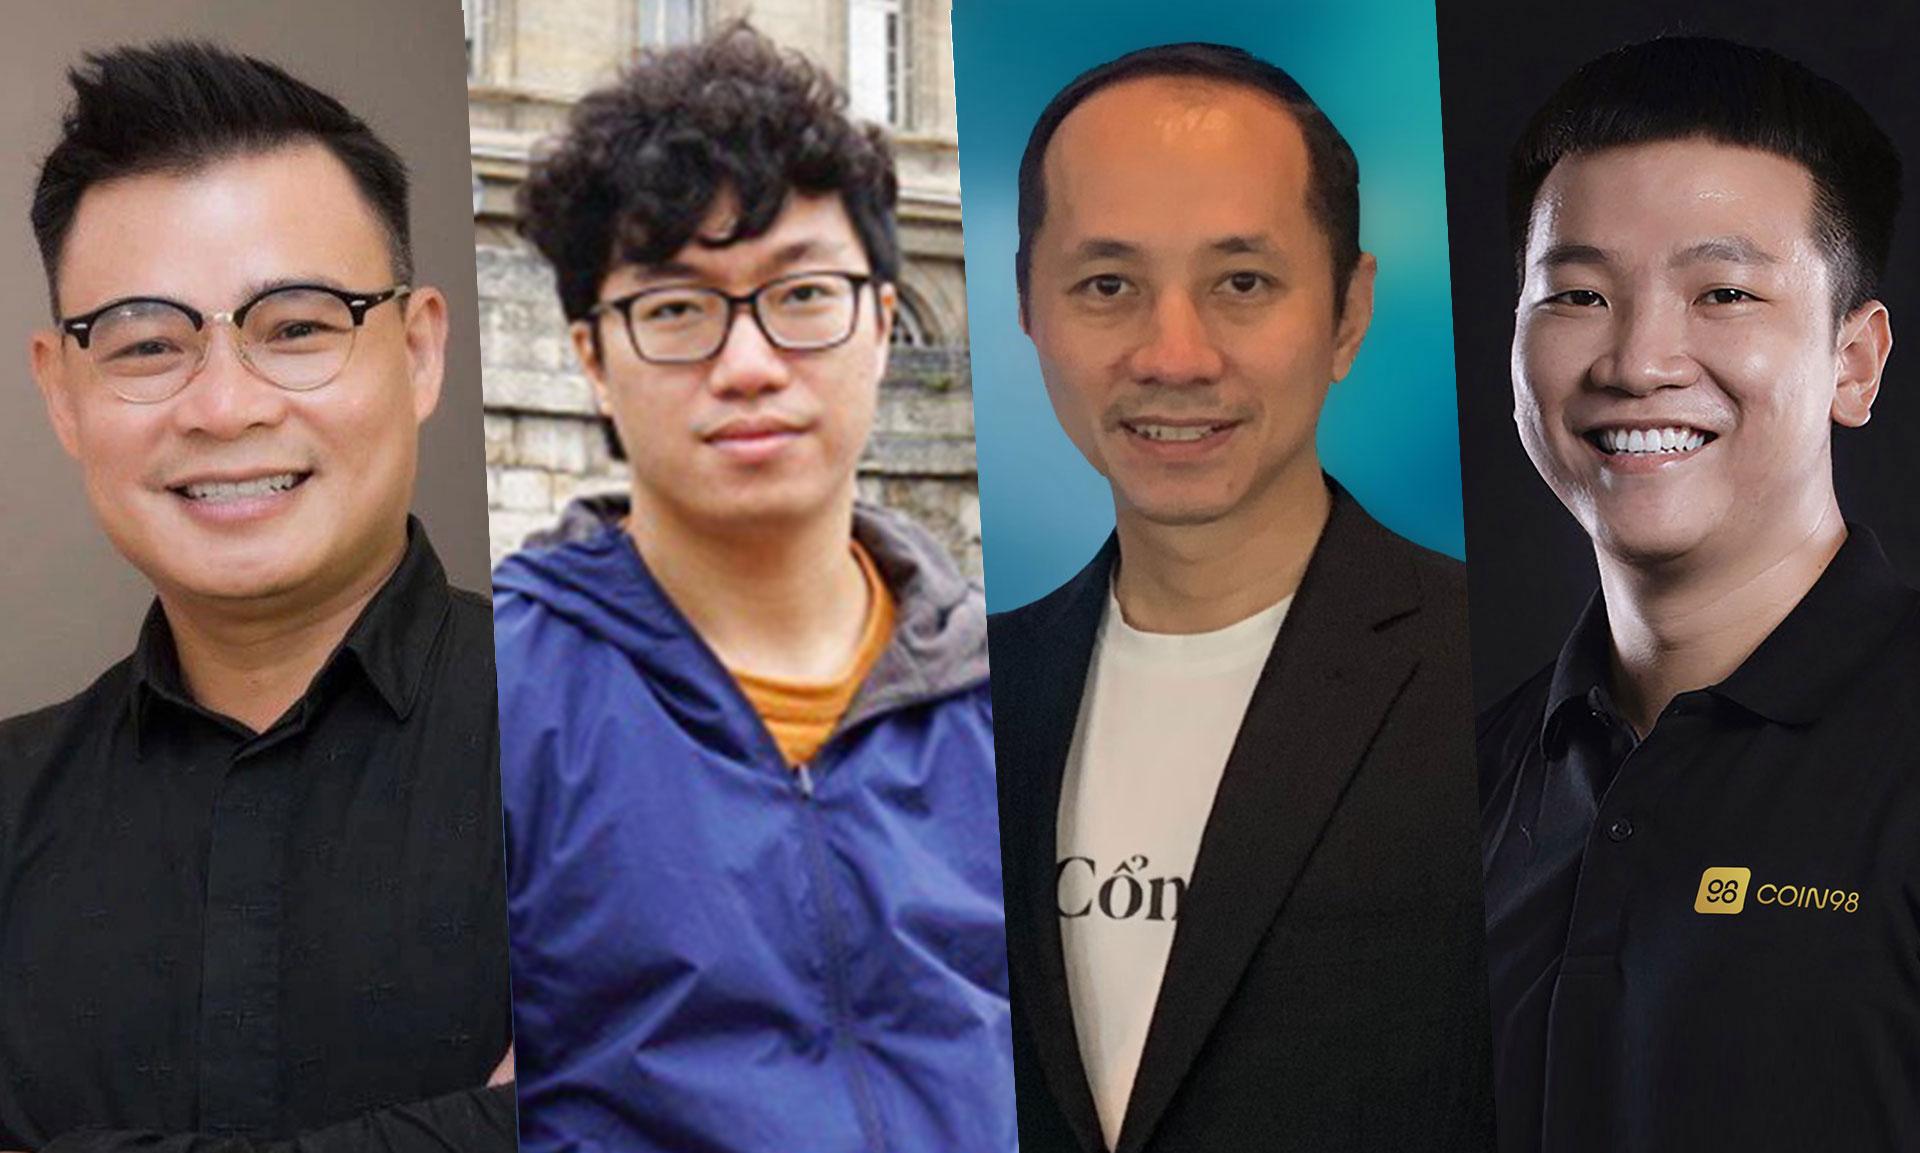 Từ trái qua phải, ông Đinh Viết Hùng, ông Nguyễn Thành Trung, ông Phạm Toàn Thắng, ông Nguyễn Thế Vinh.